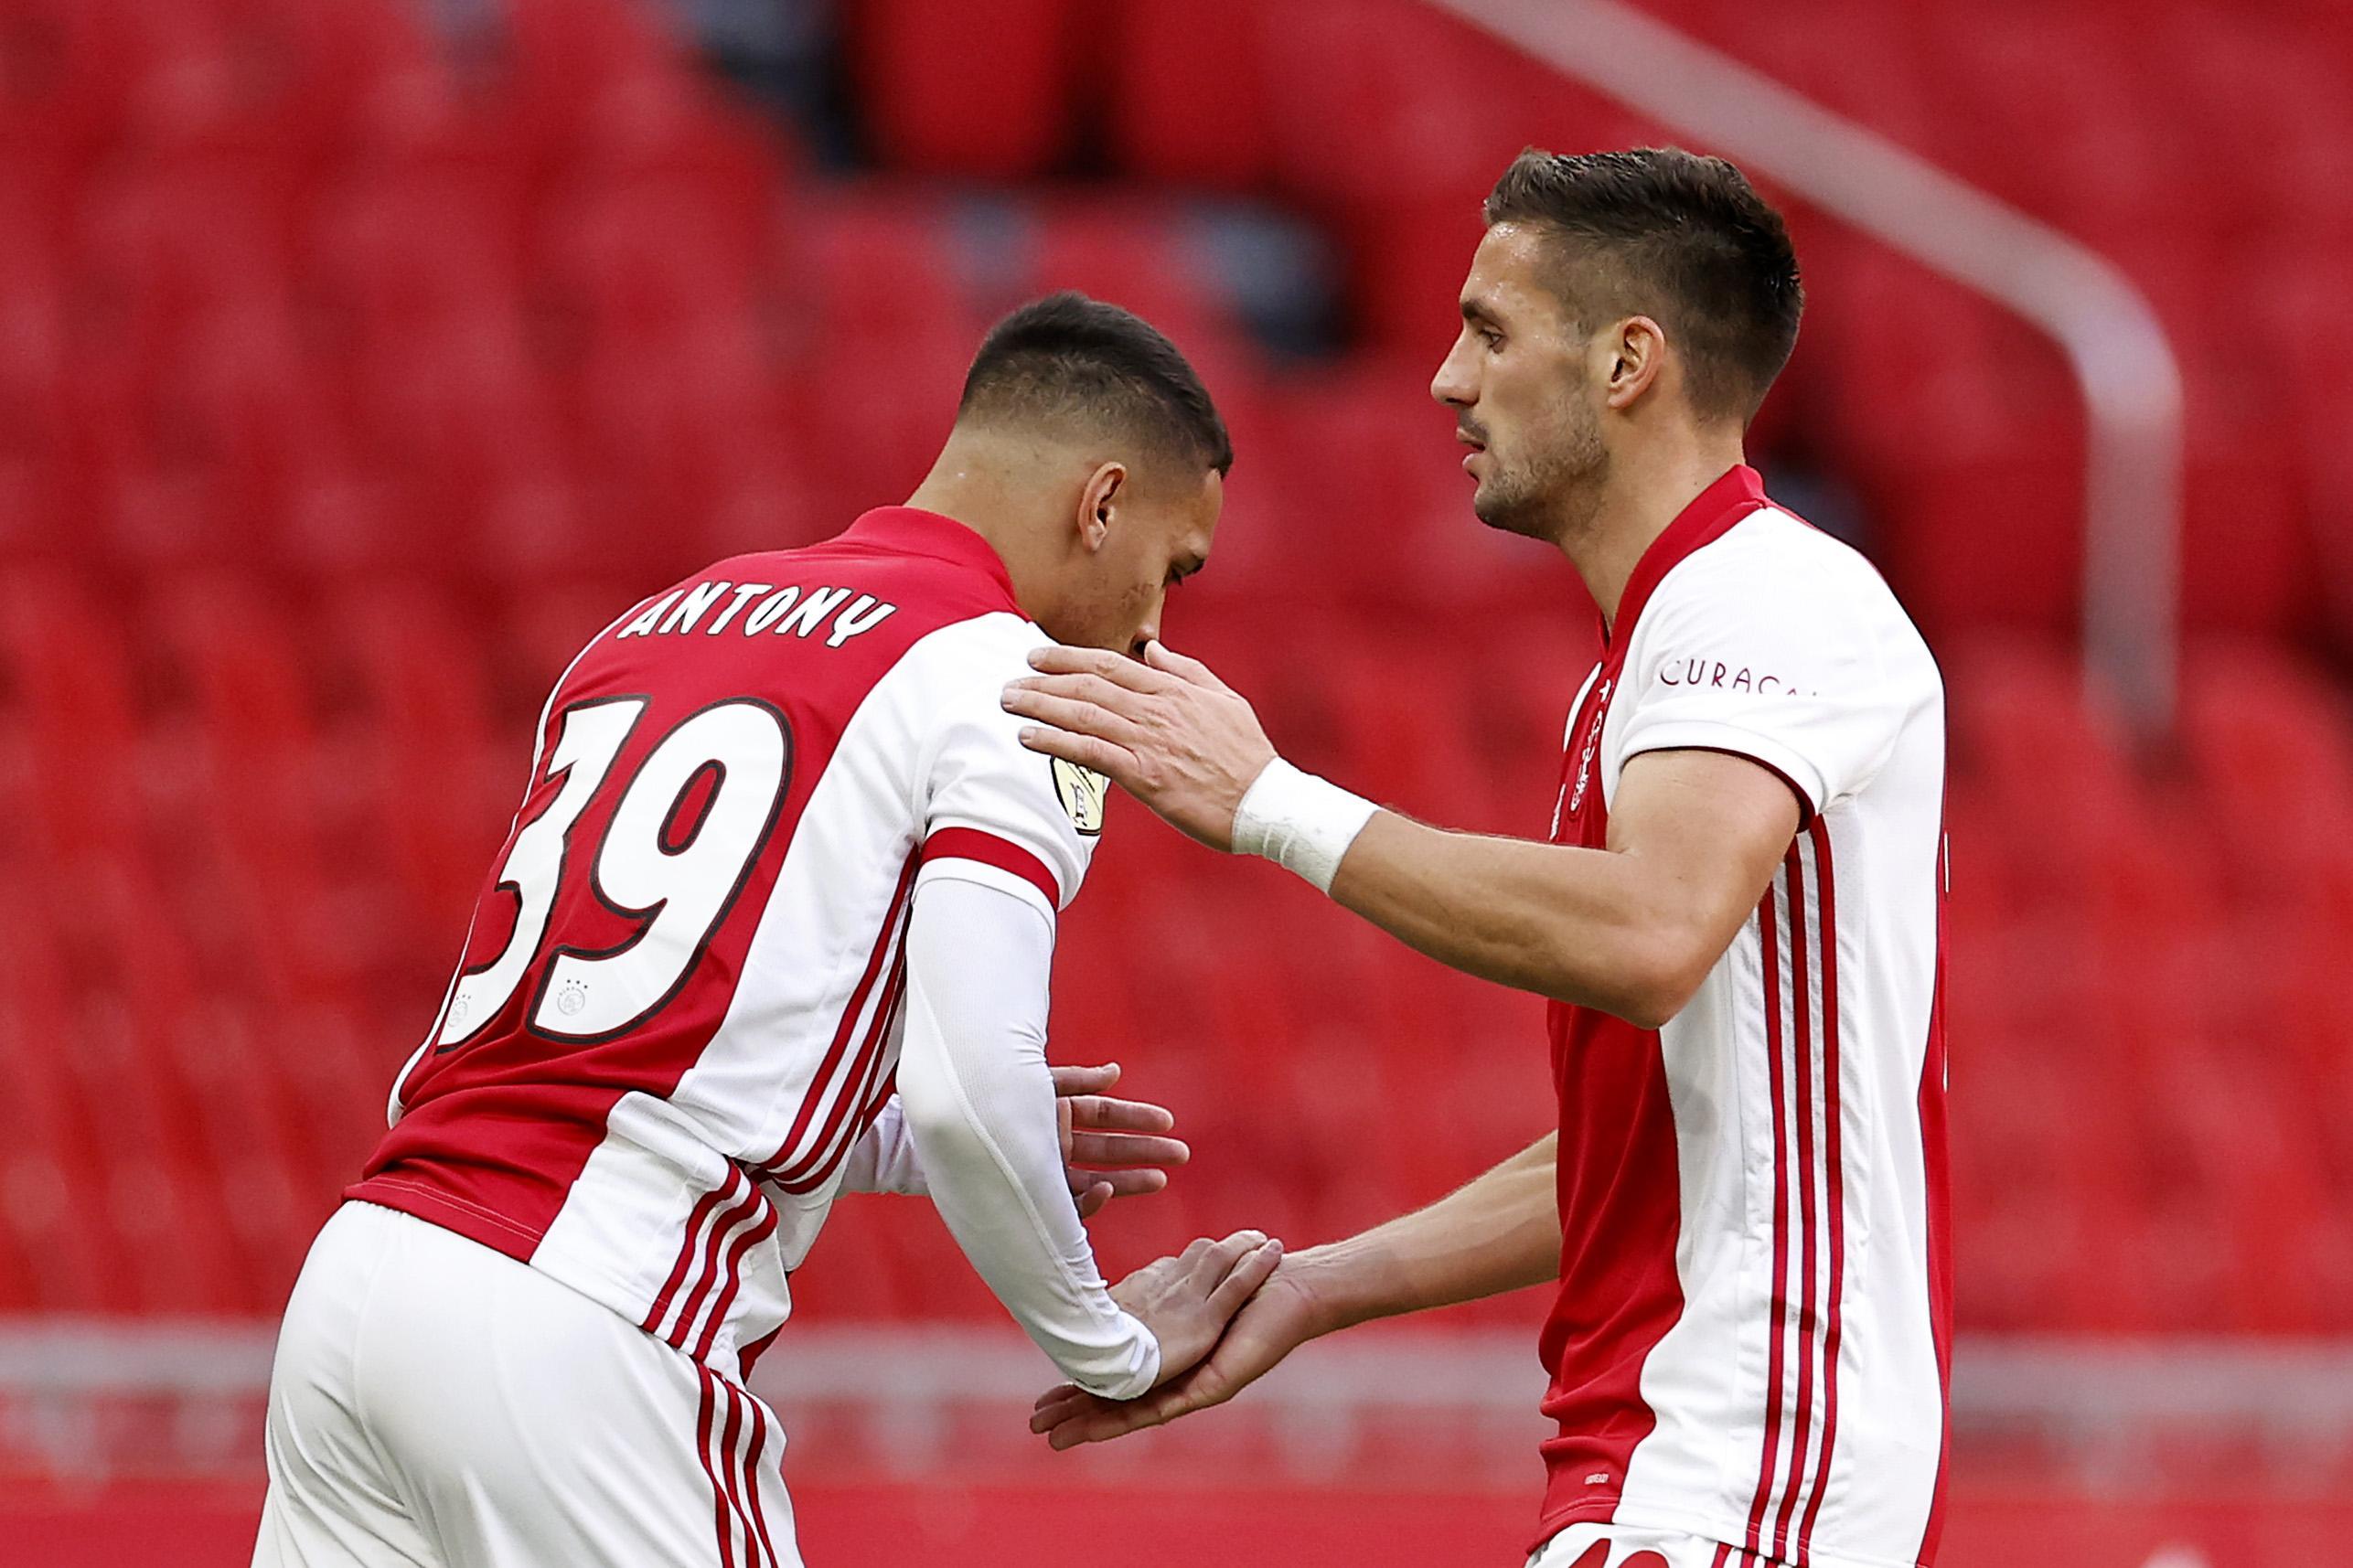 Tadic leidt Ajax als linksbuiten naar ruime zege [video]